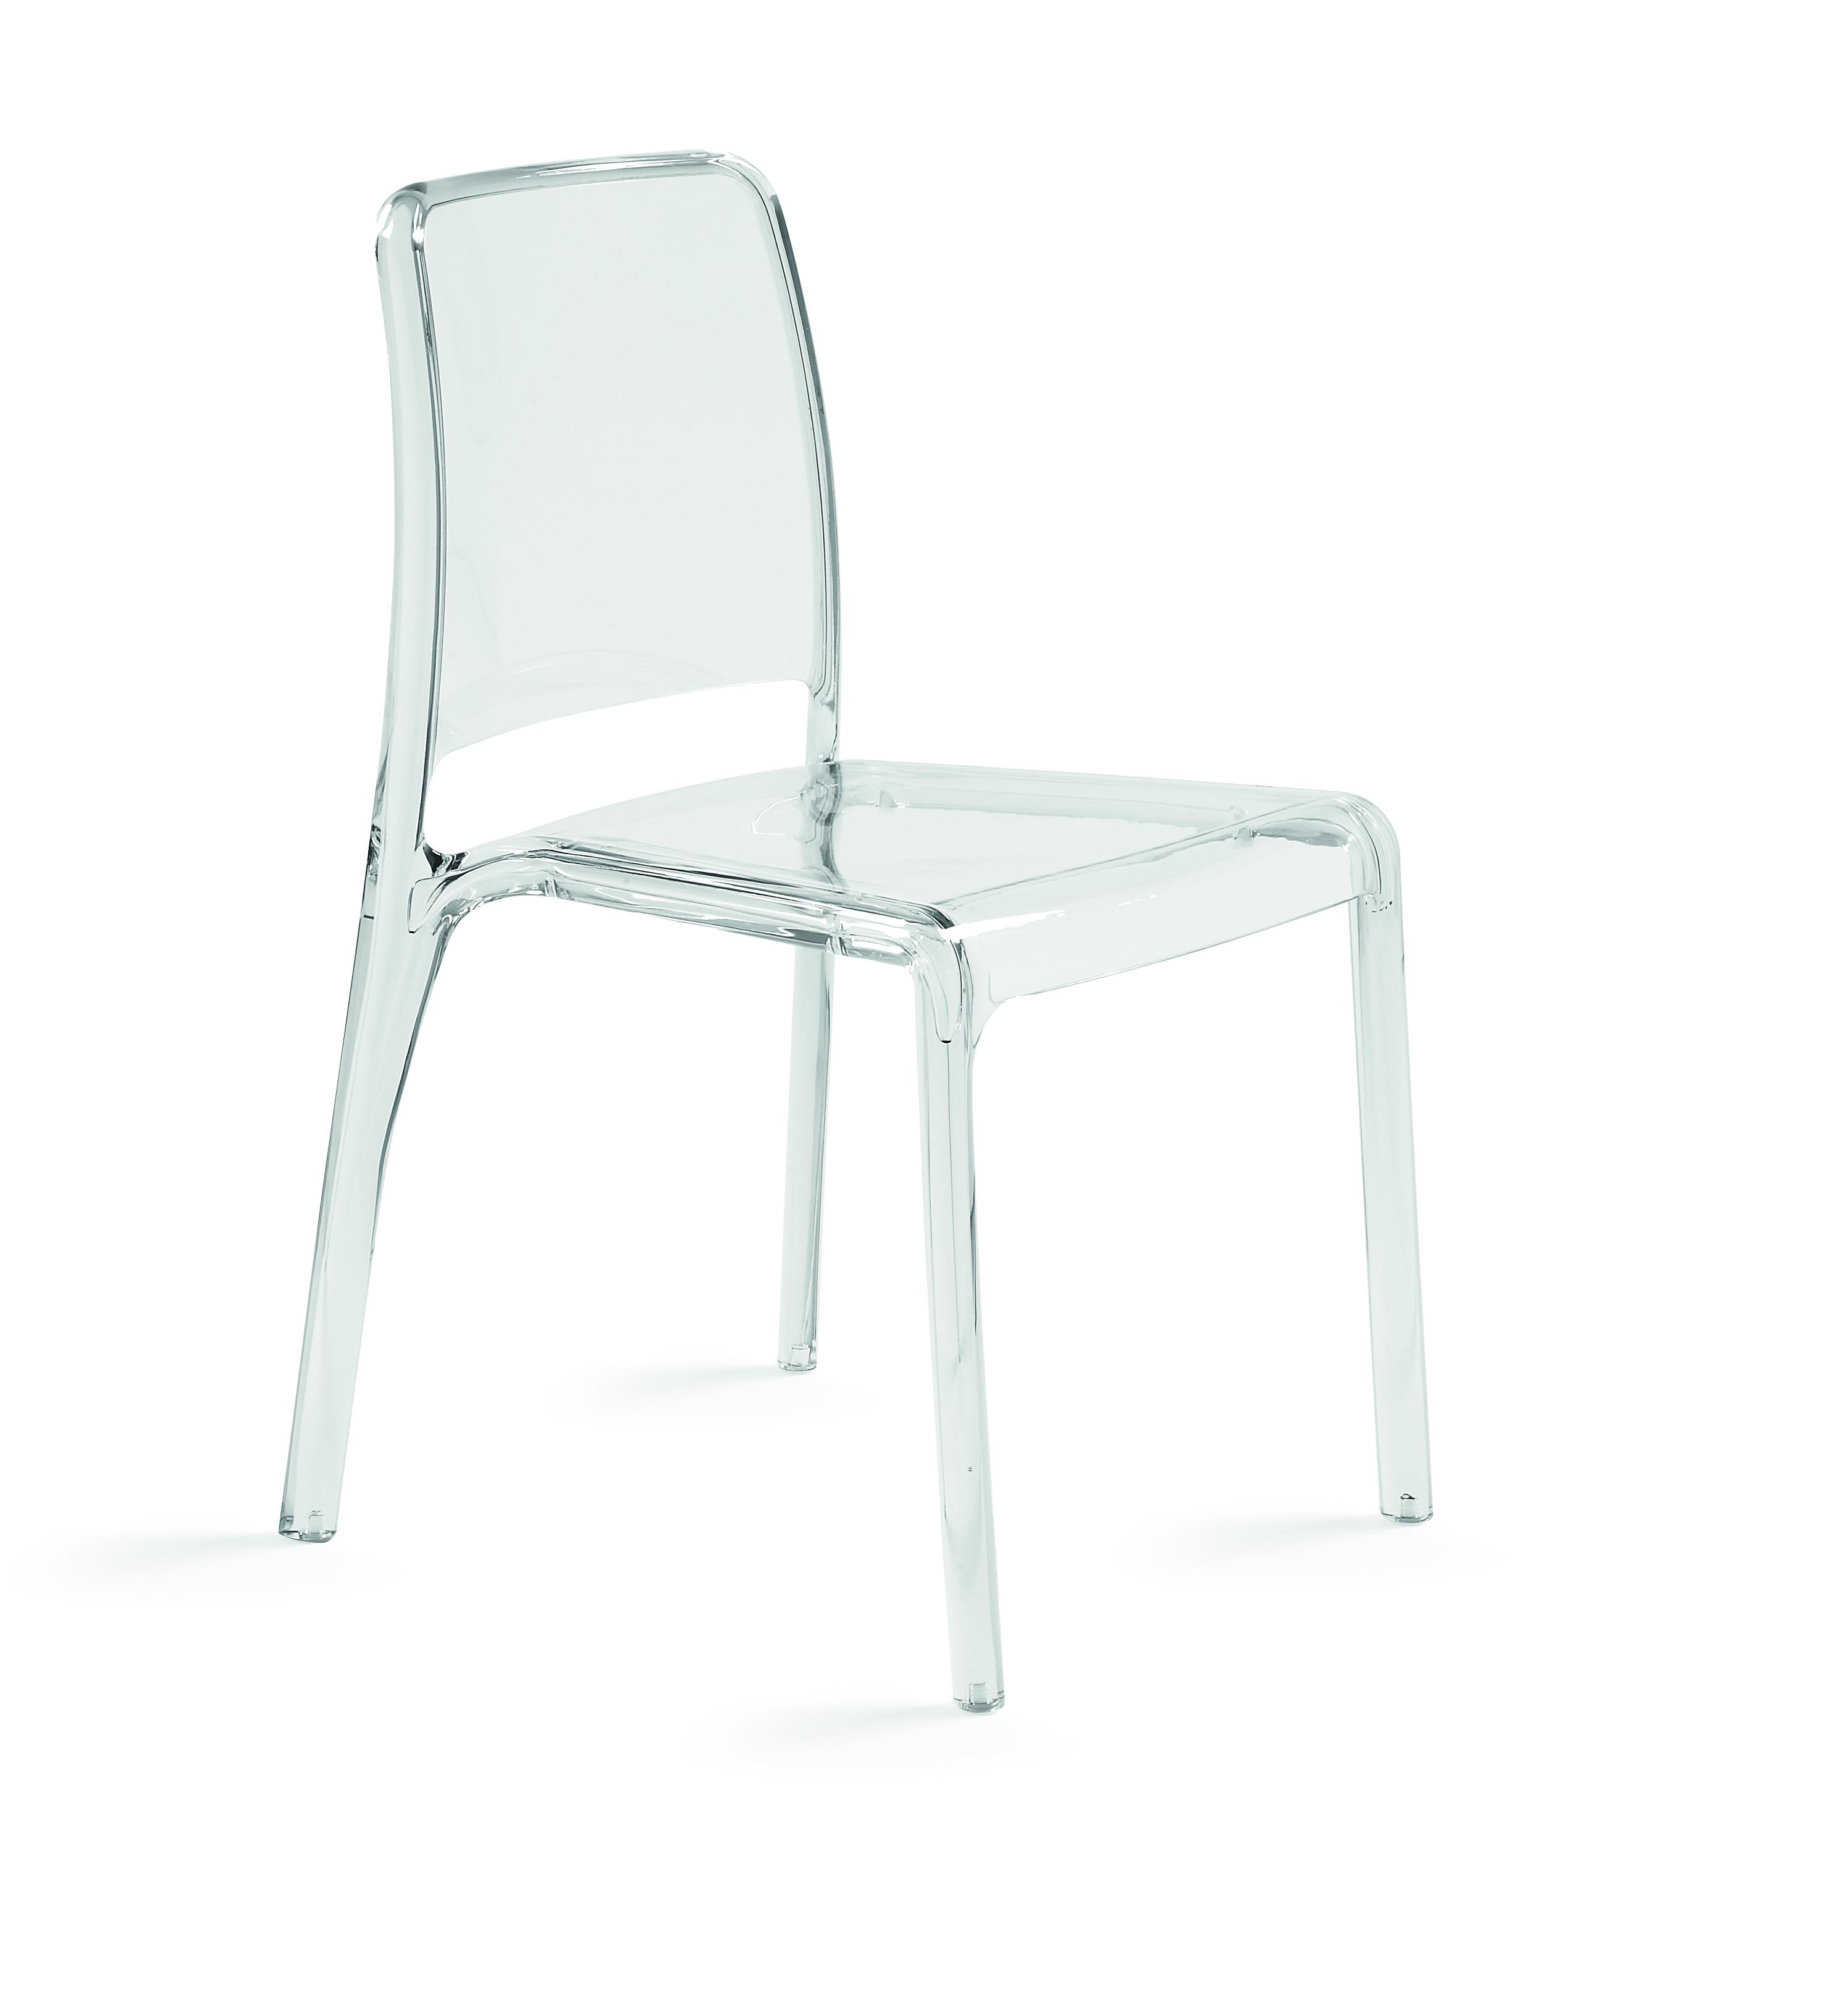 designer stuhl poster stapelbar kunststoff st hle. Black Bedroom Furniture Sets. Home Design Ideas